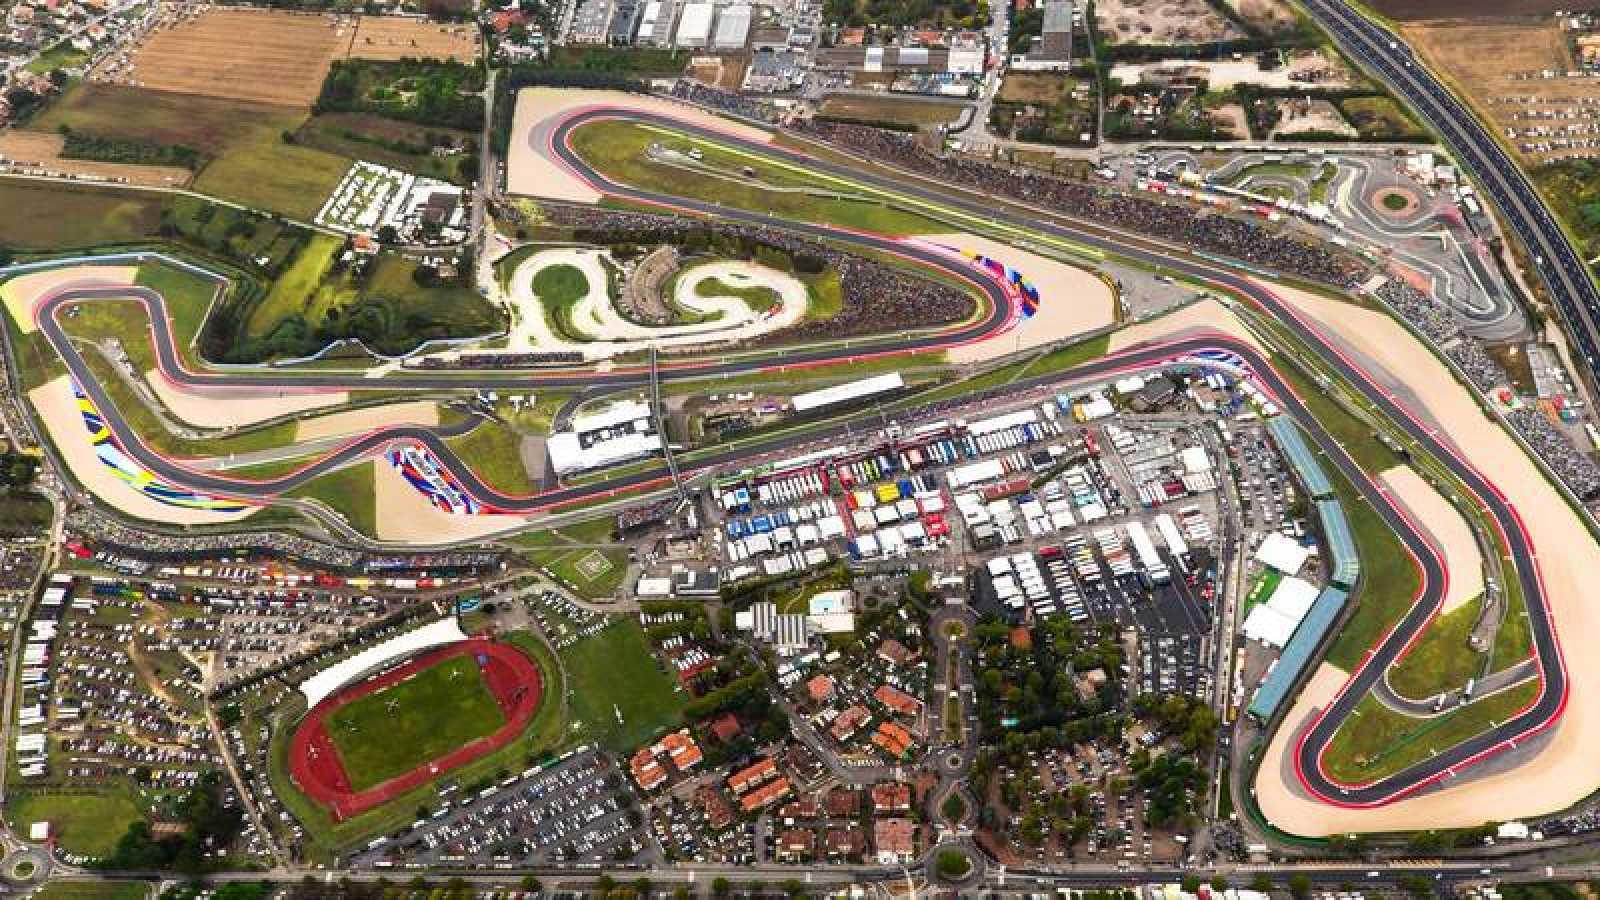 Imagen aérea del circuito de Misano.